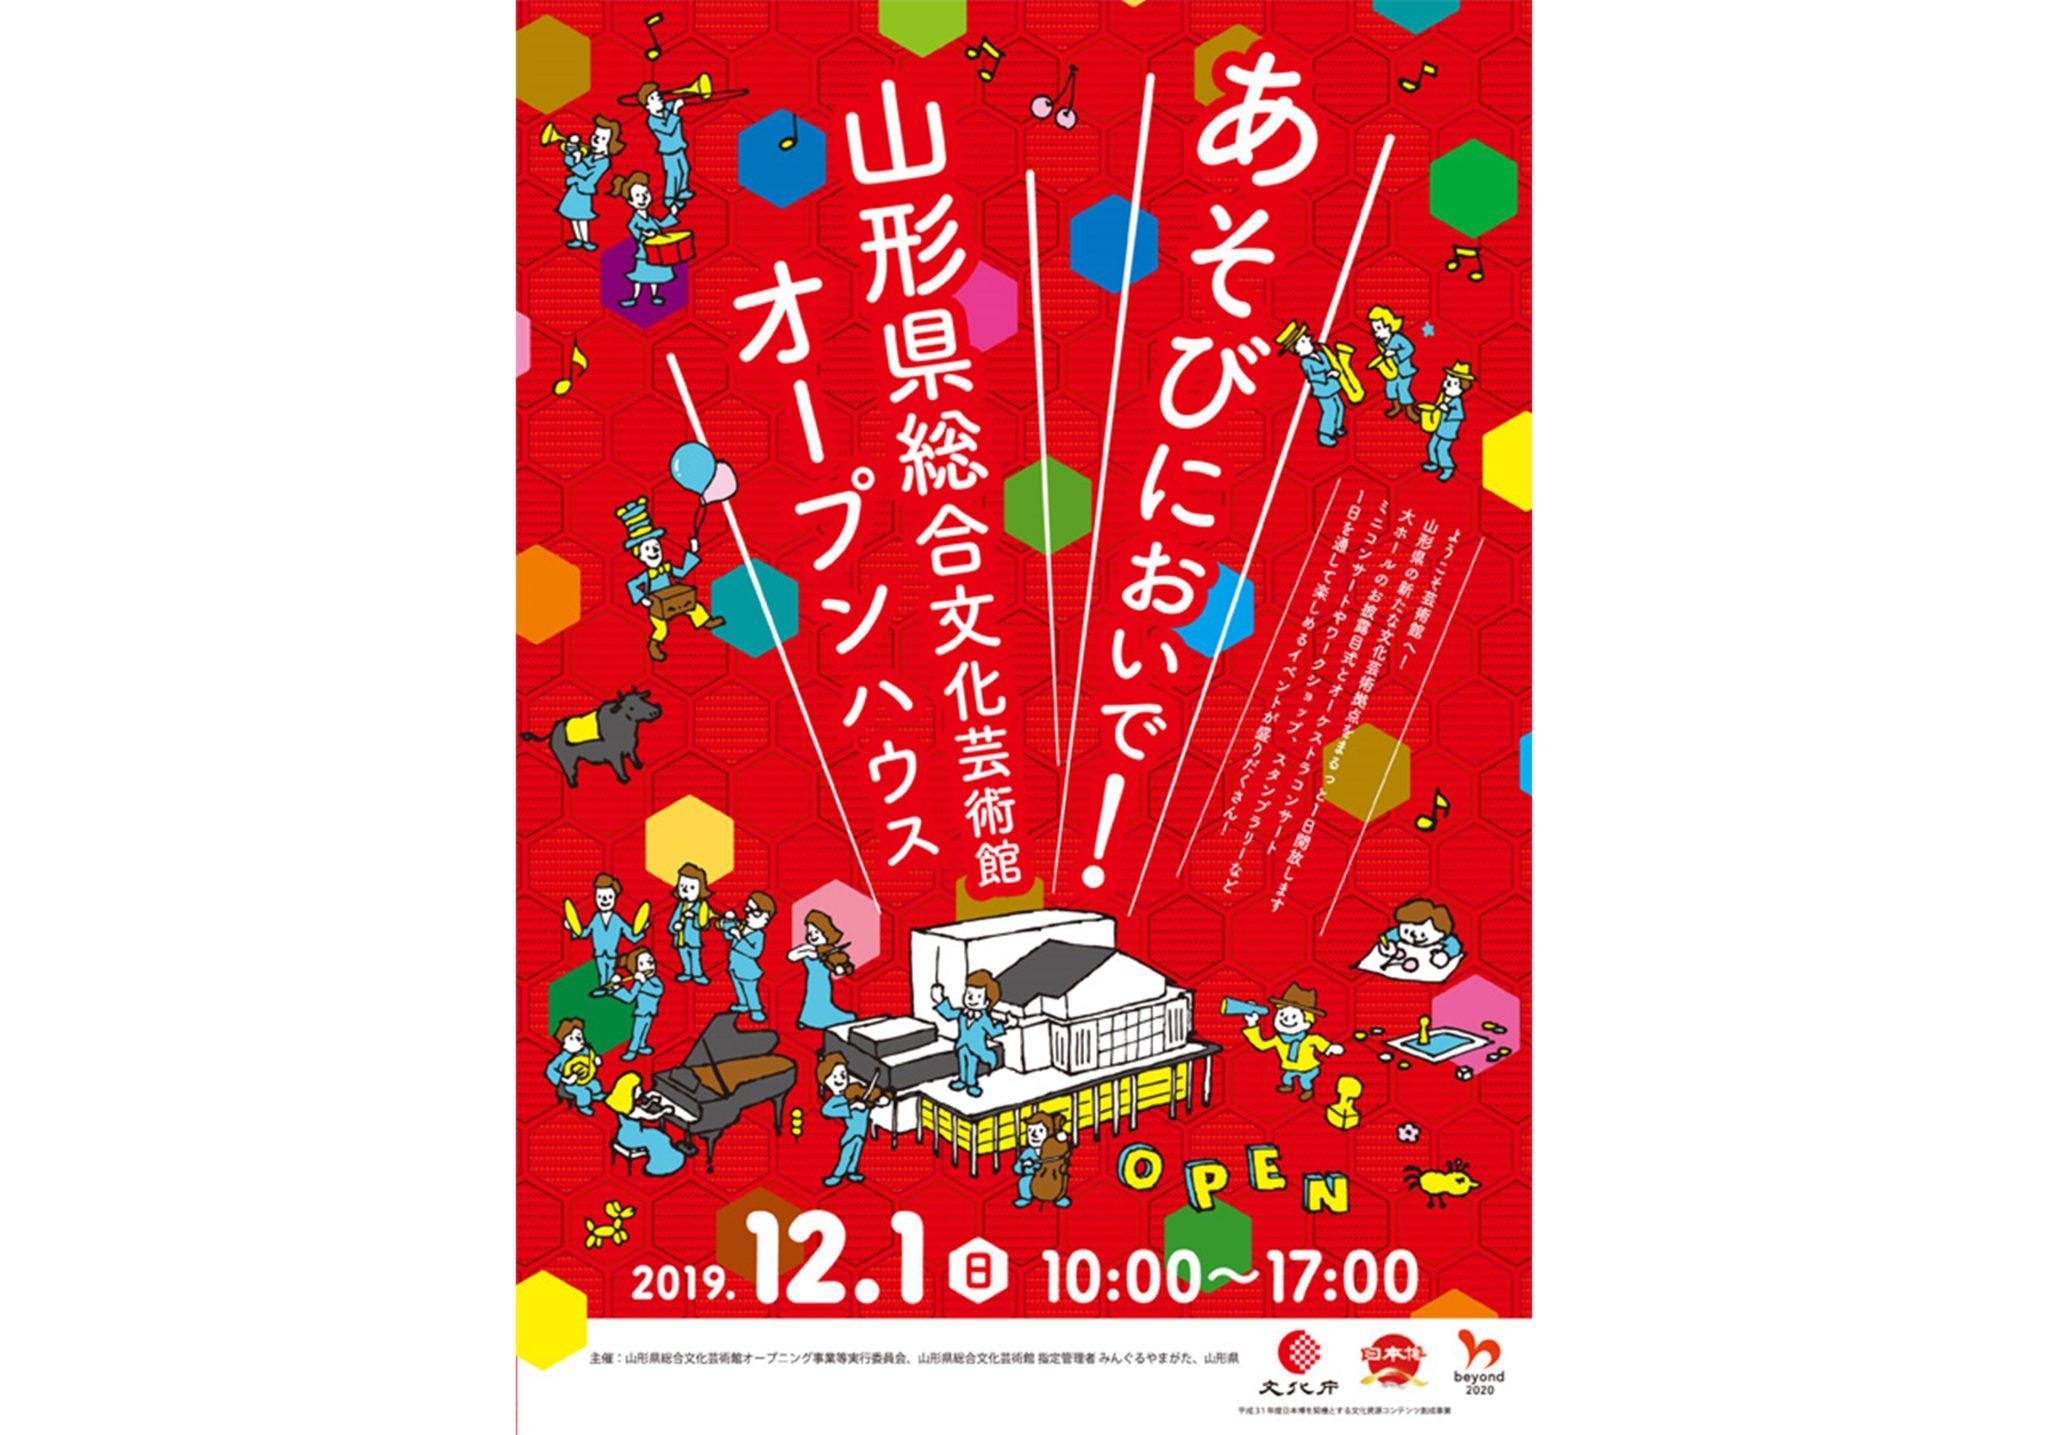 山形県総合文化芸術館オープンハウス